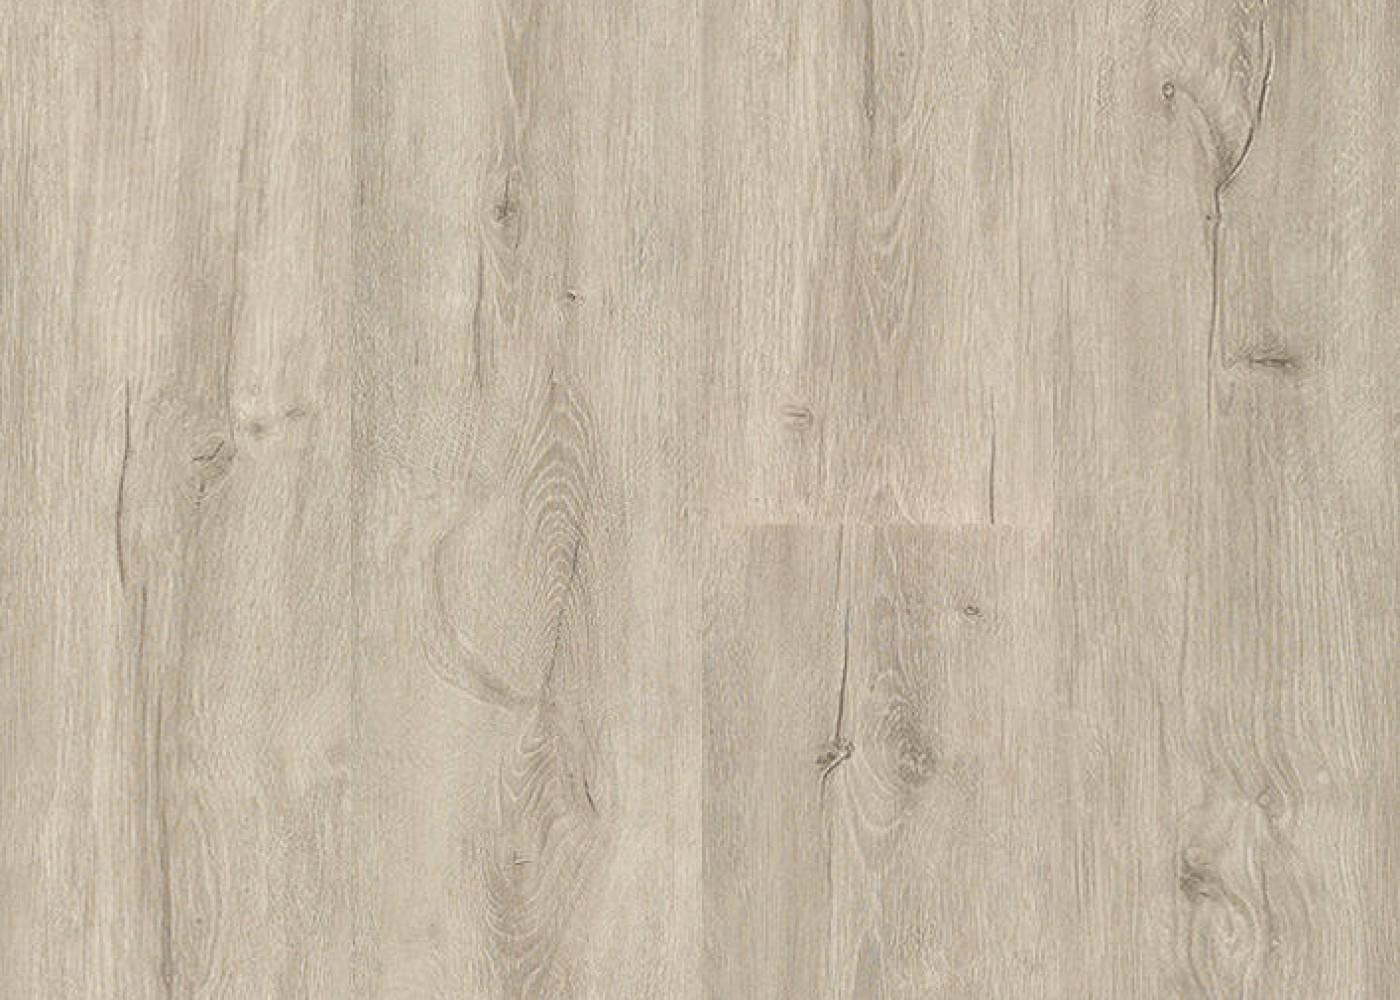 Vinyle rigide Chêne Ciel Flamand passage commercial 4.5x225x1524